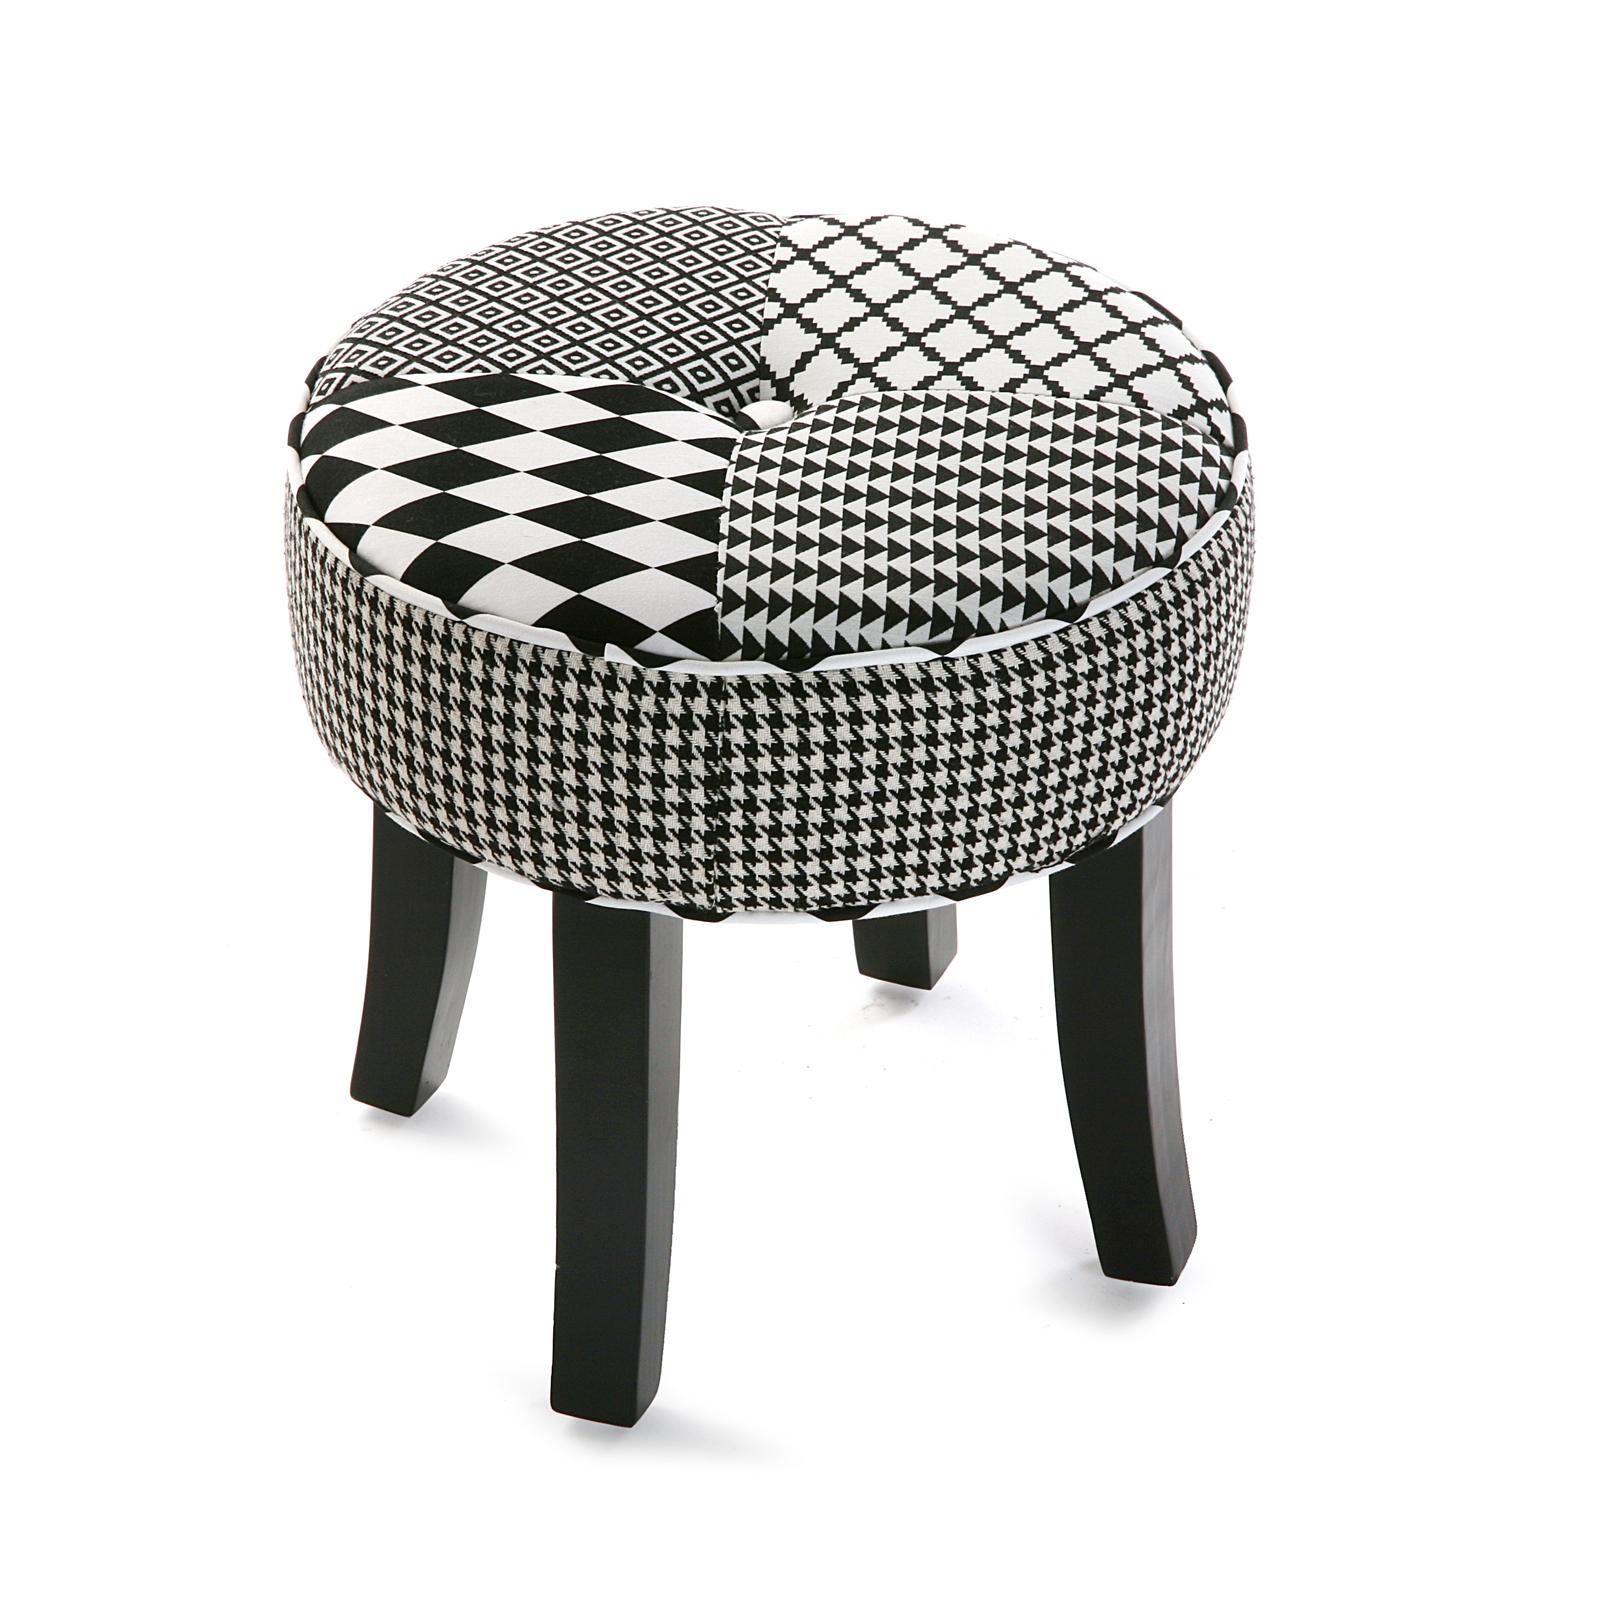 prix compétitif 64251 5cf1d Tabouret pouf rond en tissu Patchwork blanc et noir et pieds bois noirs  D35xH35cm URBAN